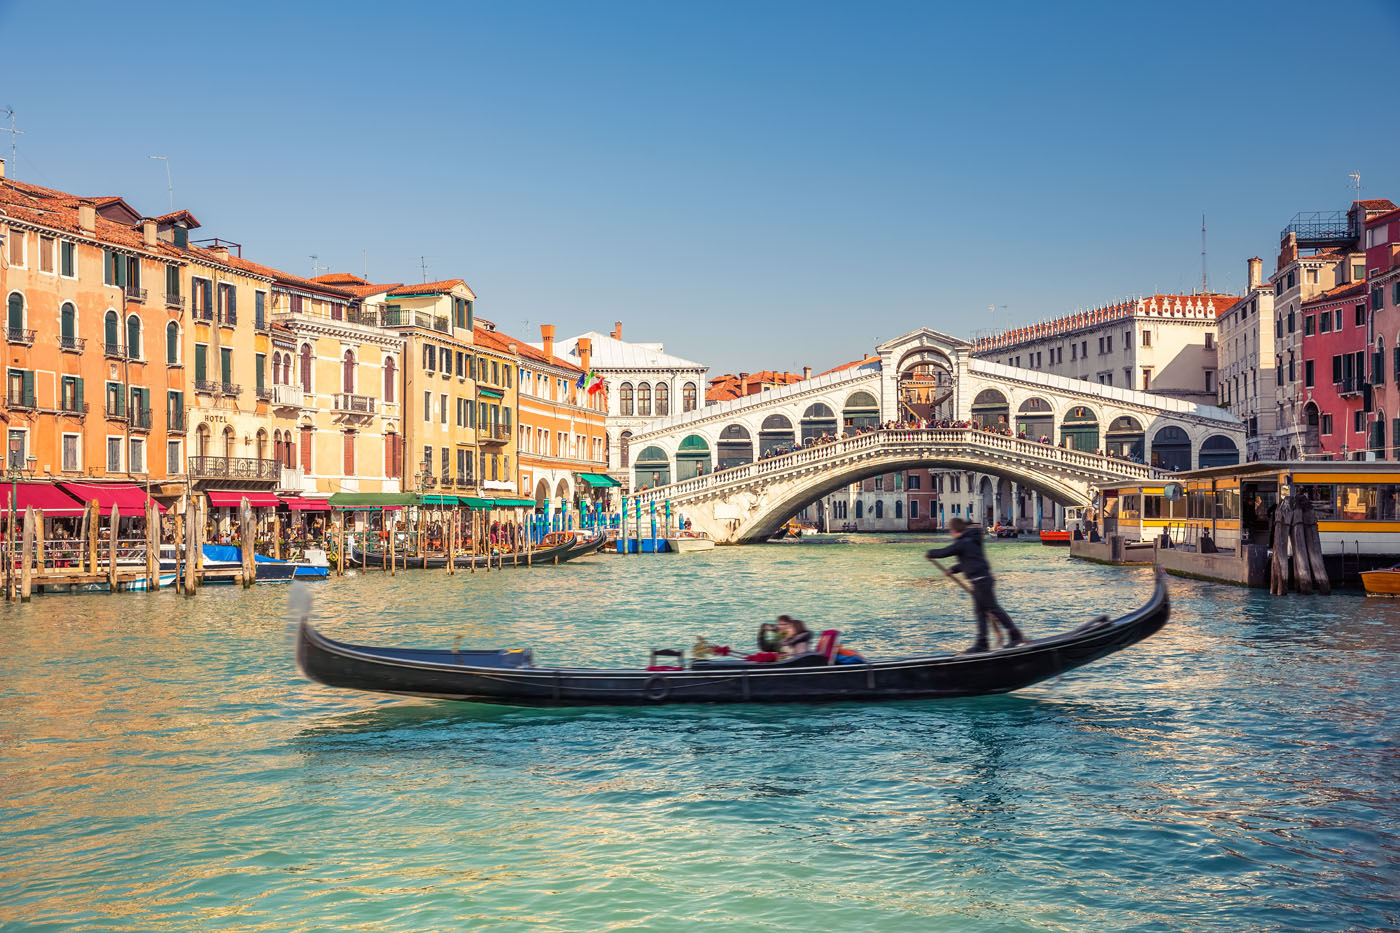 El hombre de Vitruvio en Venecia